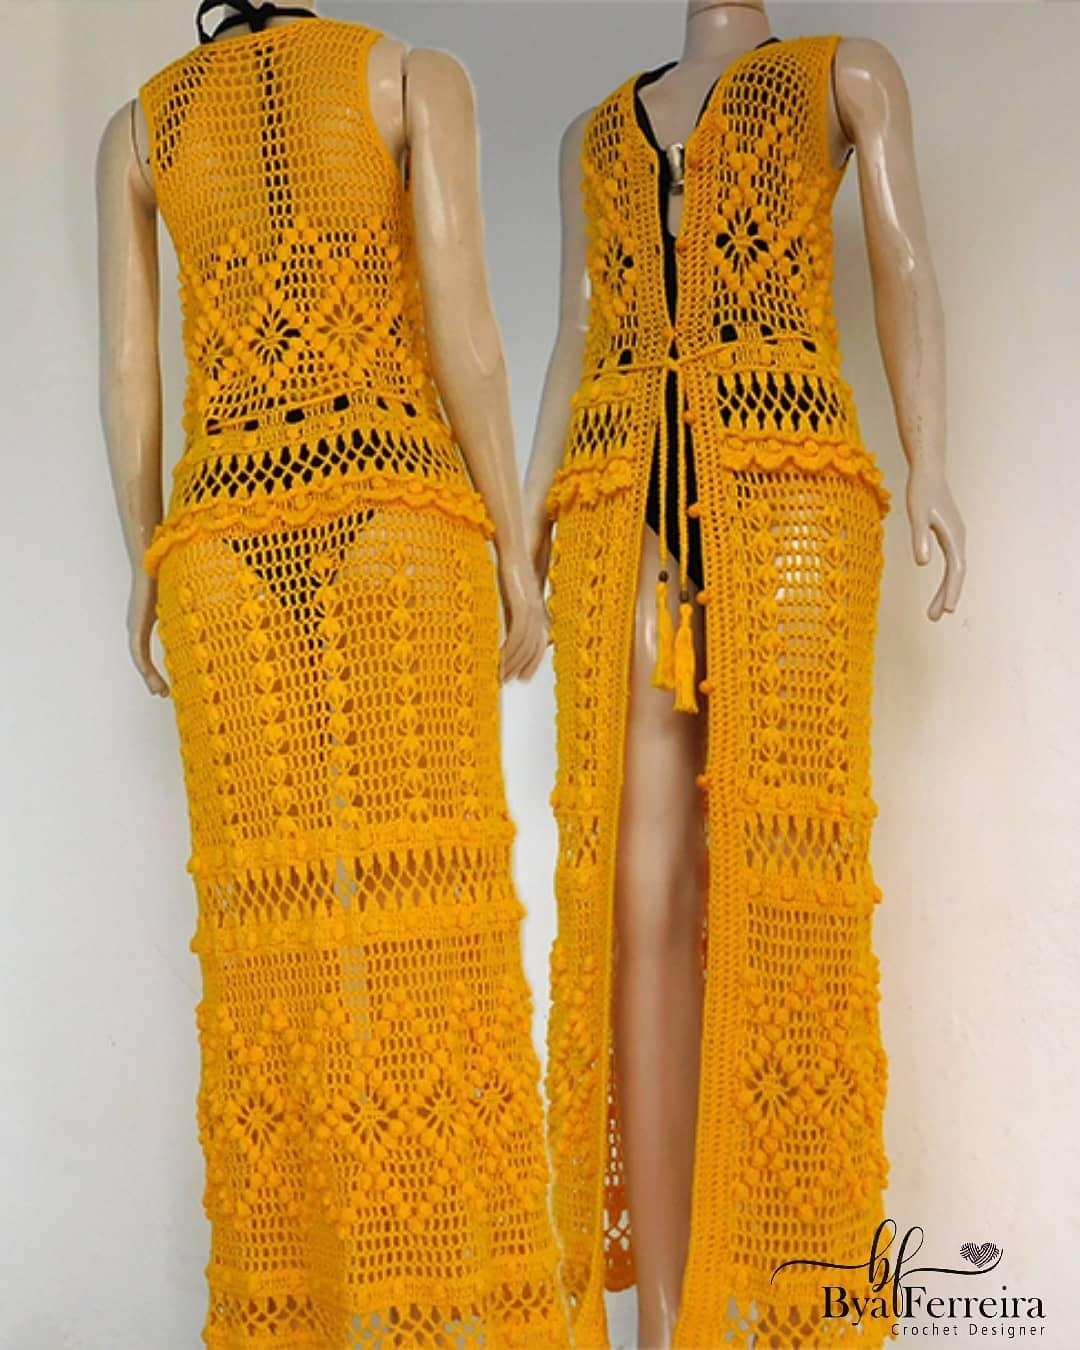 Oi Pessoal! Passando Pra Mostrar Pra Que Croche - Crochet Tutorial